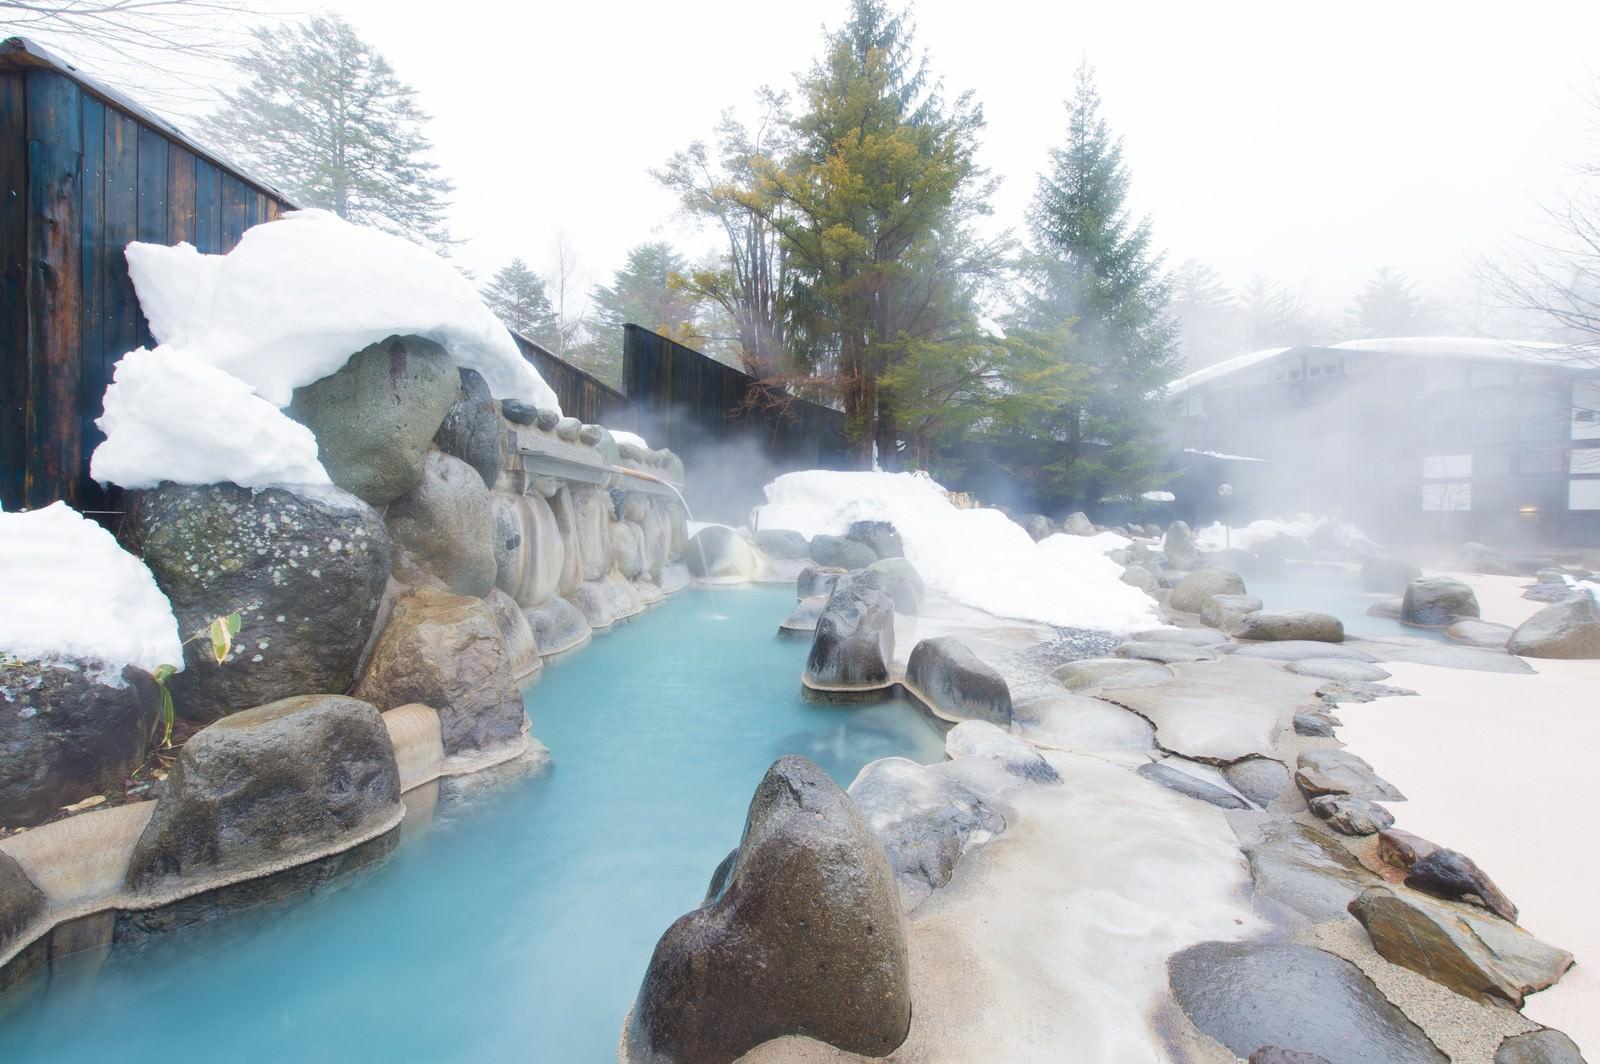 「北アルプスの広大な景色を見渡せる大露天風呂で源泉かけ流しを楽しめる「ひらゆの森」」の写真